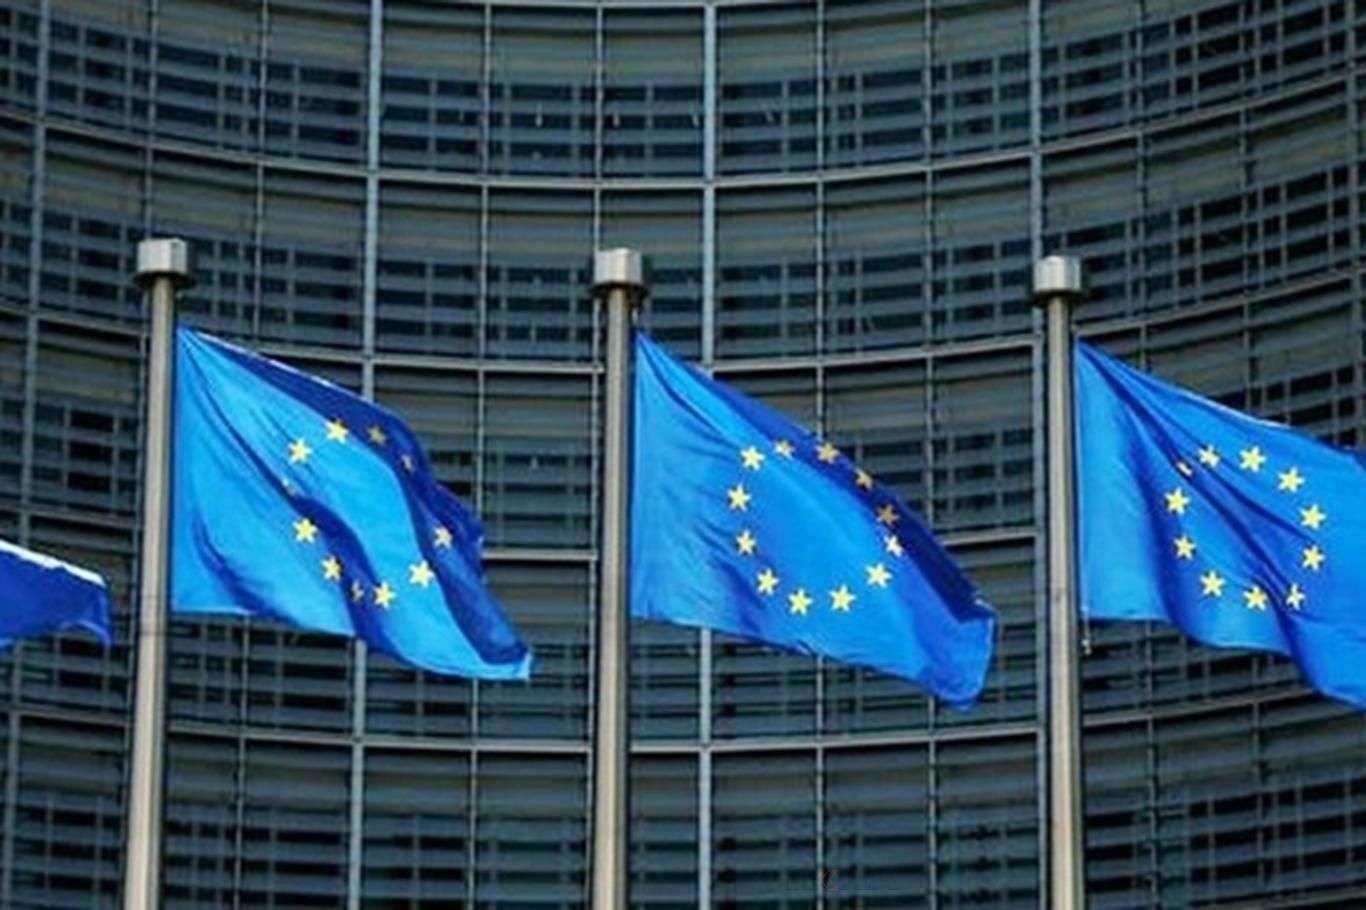 Avrupa Birliği Türkiye'ye Yönelik Yaptırımları Ertelediğini Açıkladı